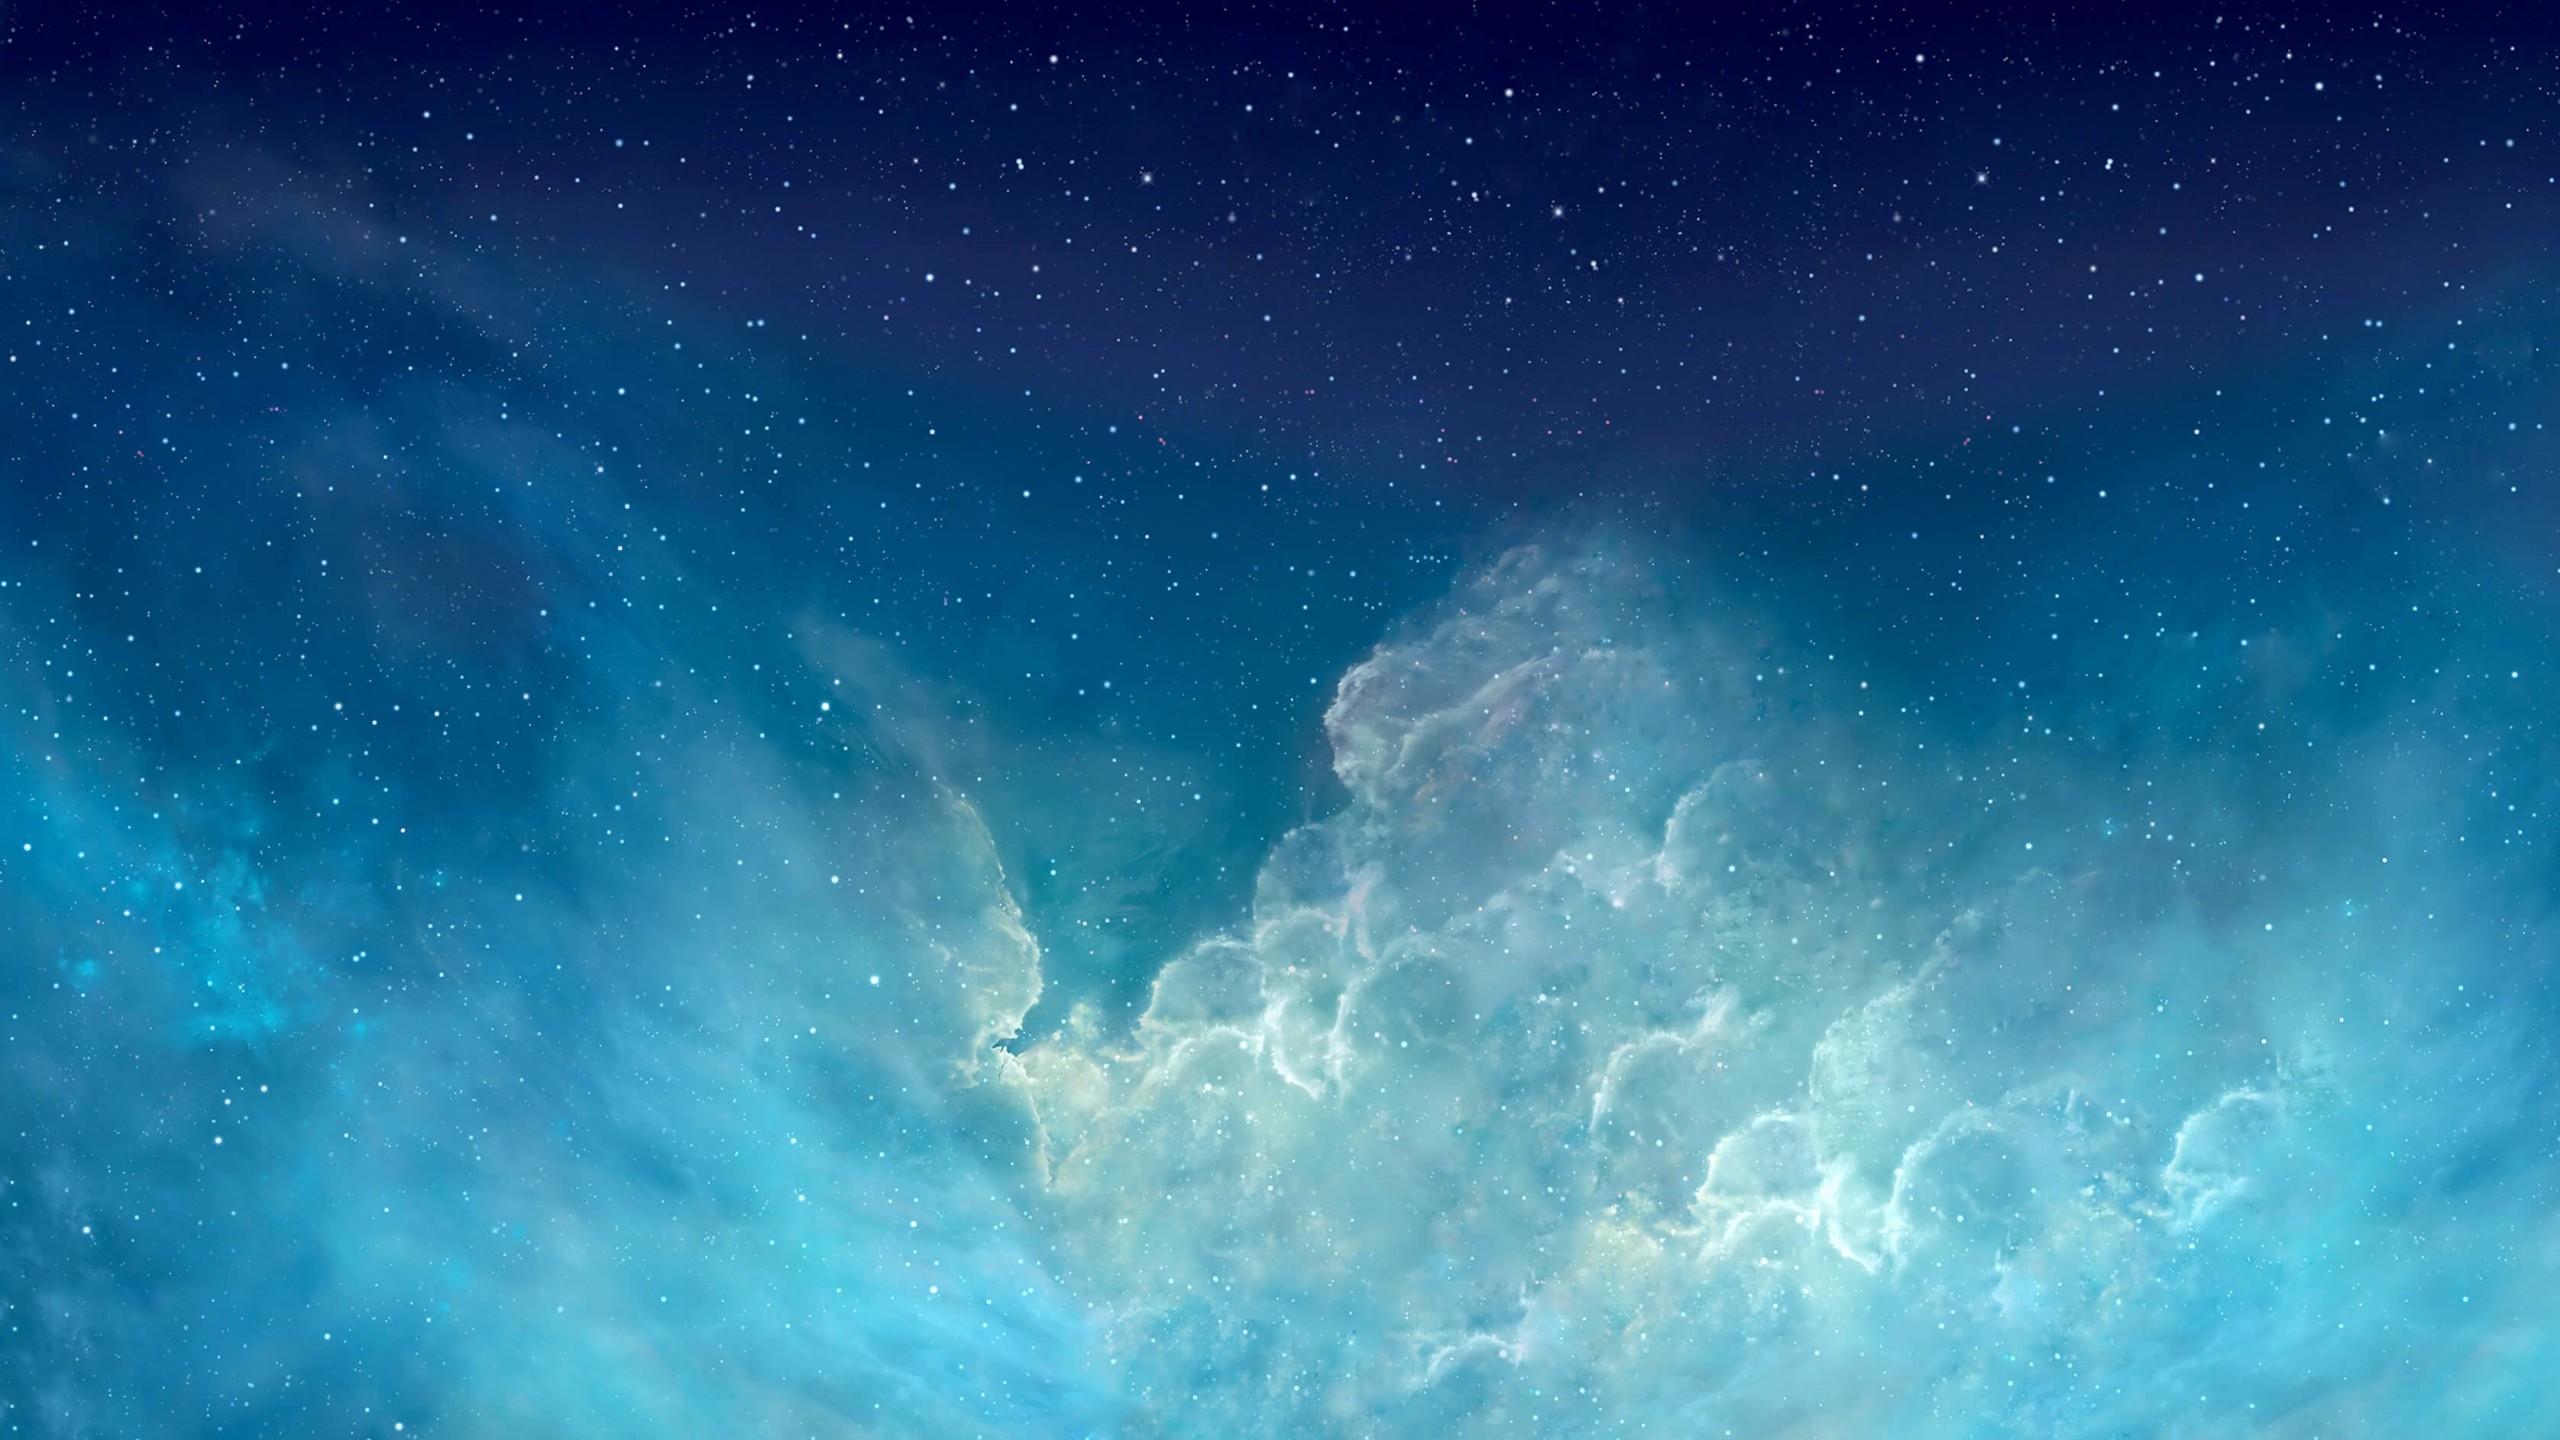 nebula 2560x1440 - photo #4